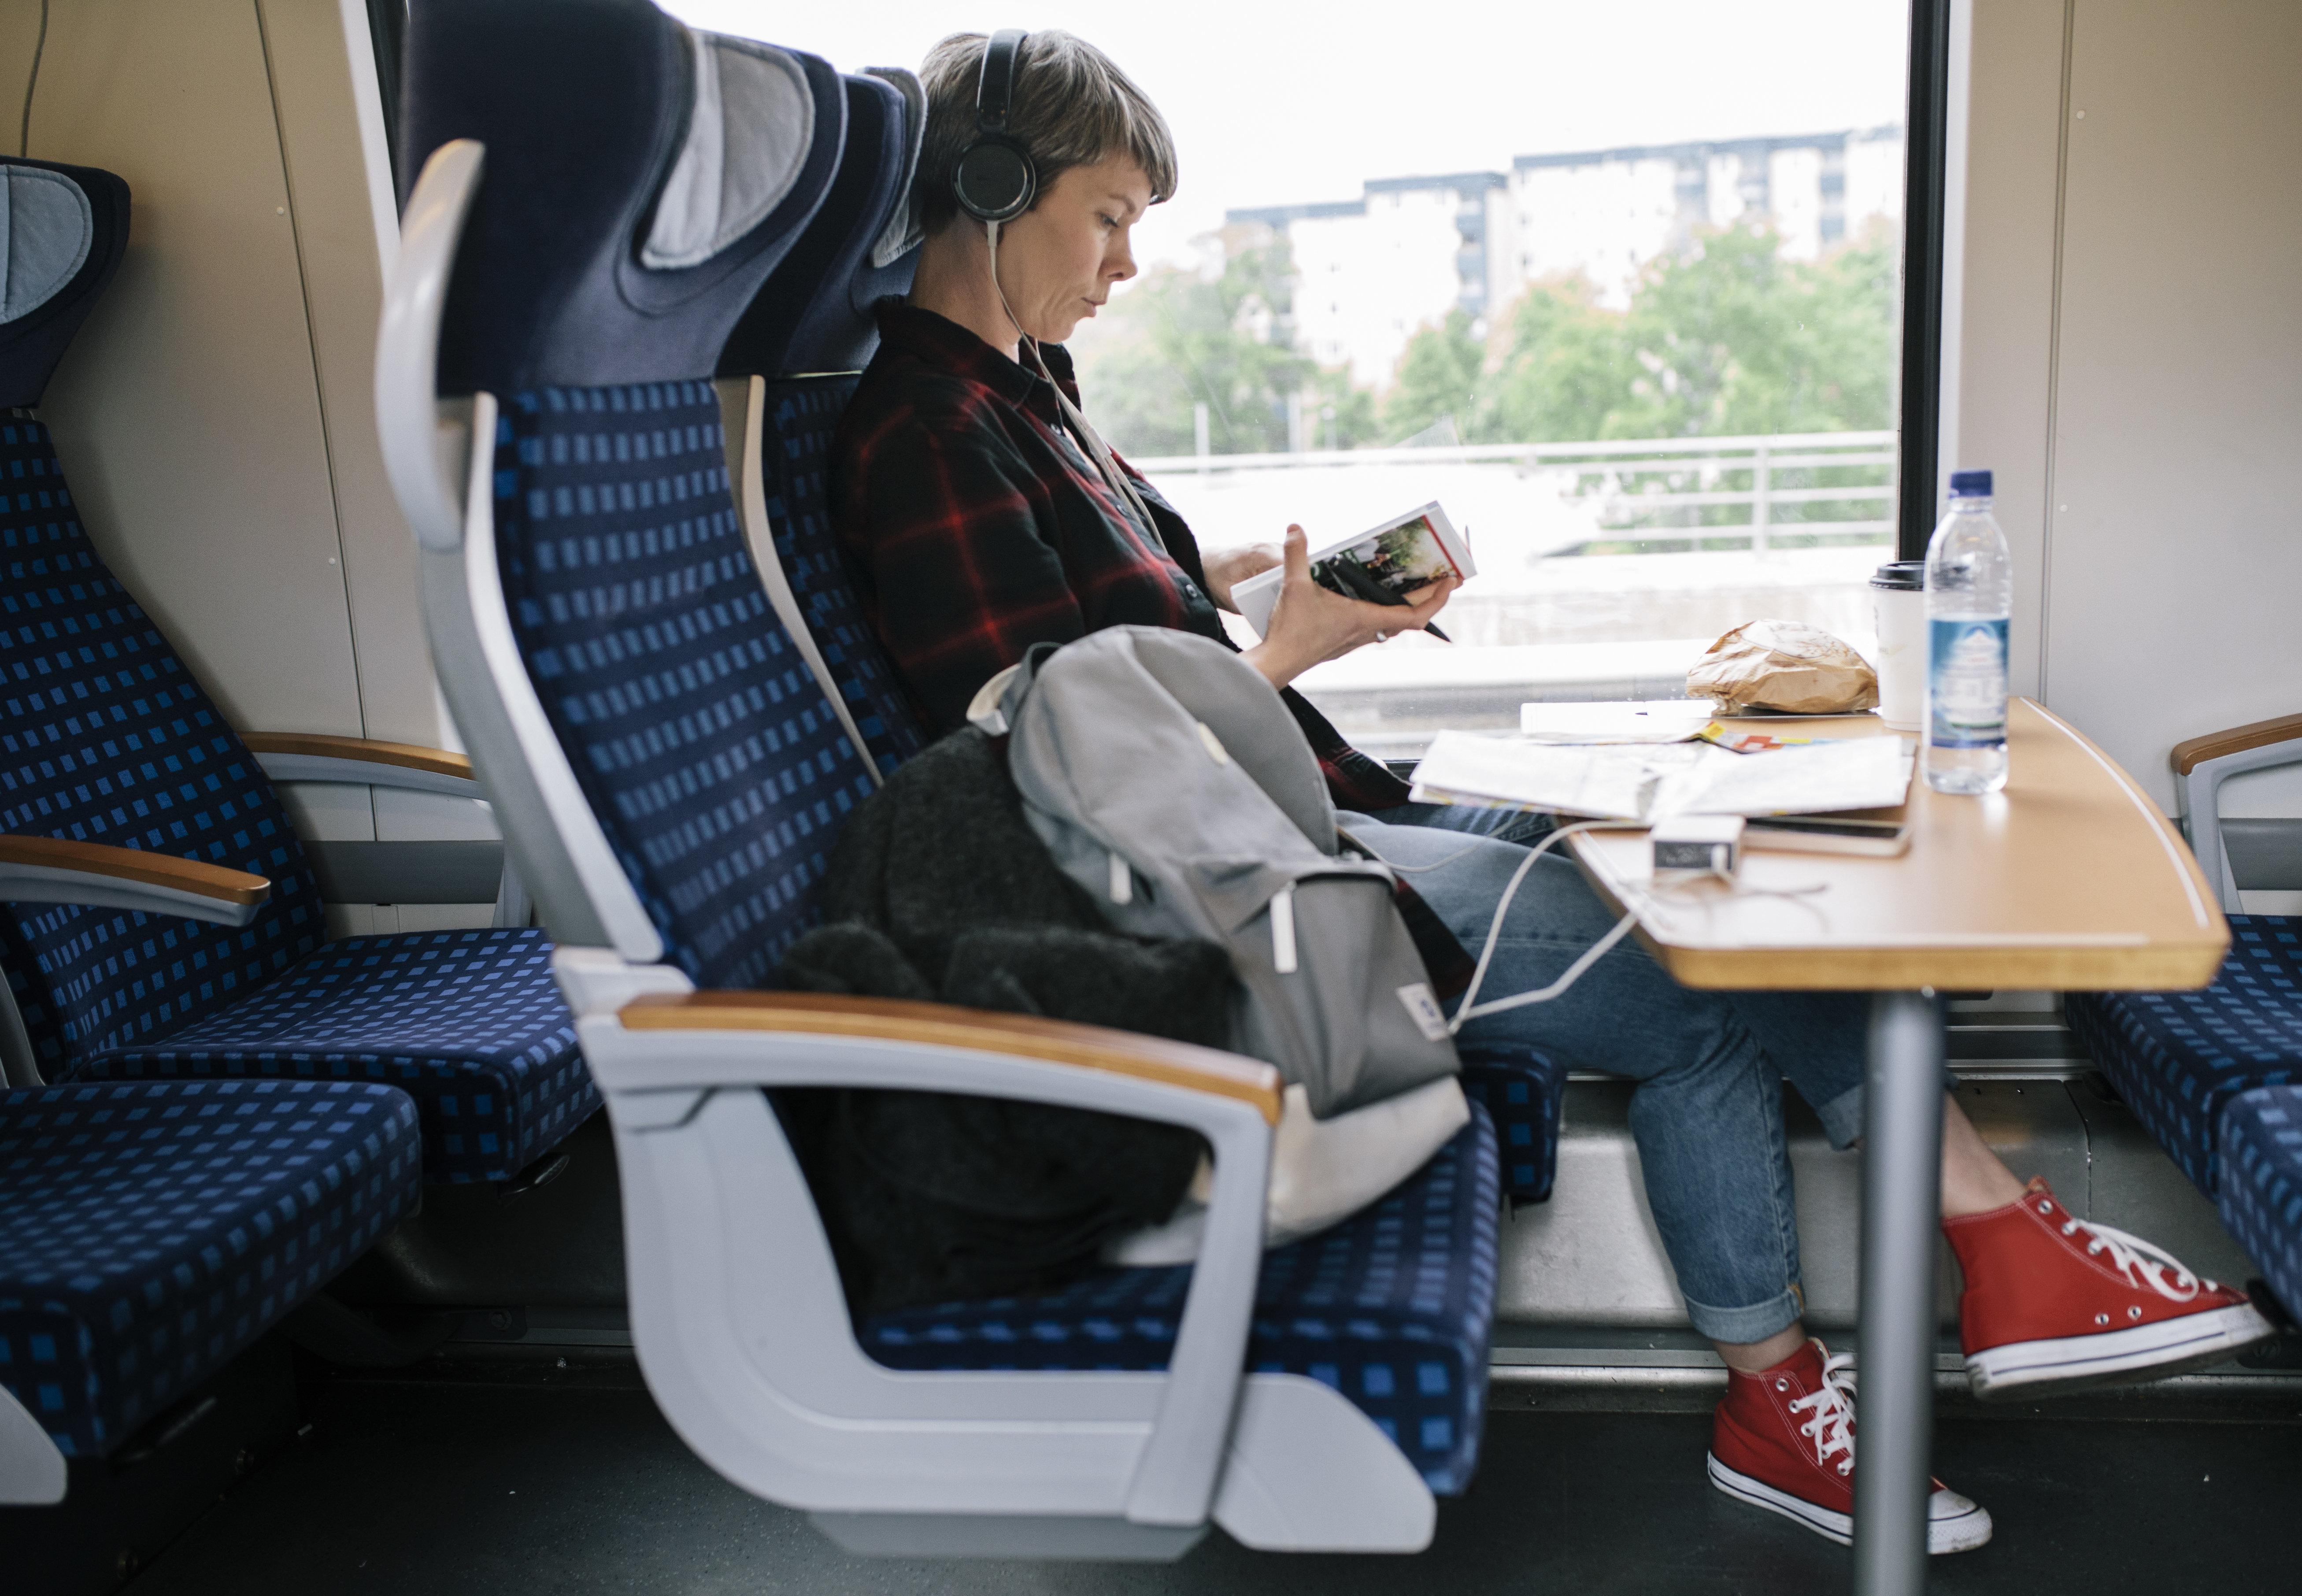 Bei der Deutschen Bahn wird bald nicht mehr jeder kontrolliert